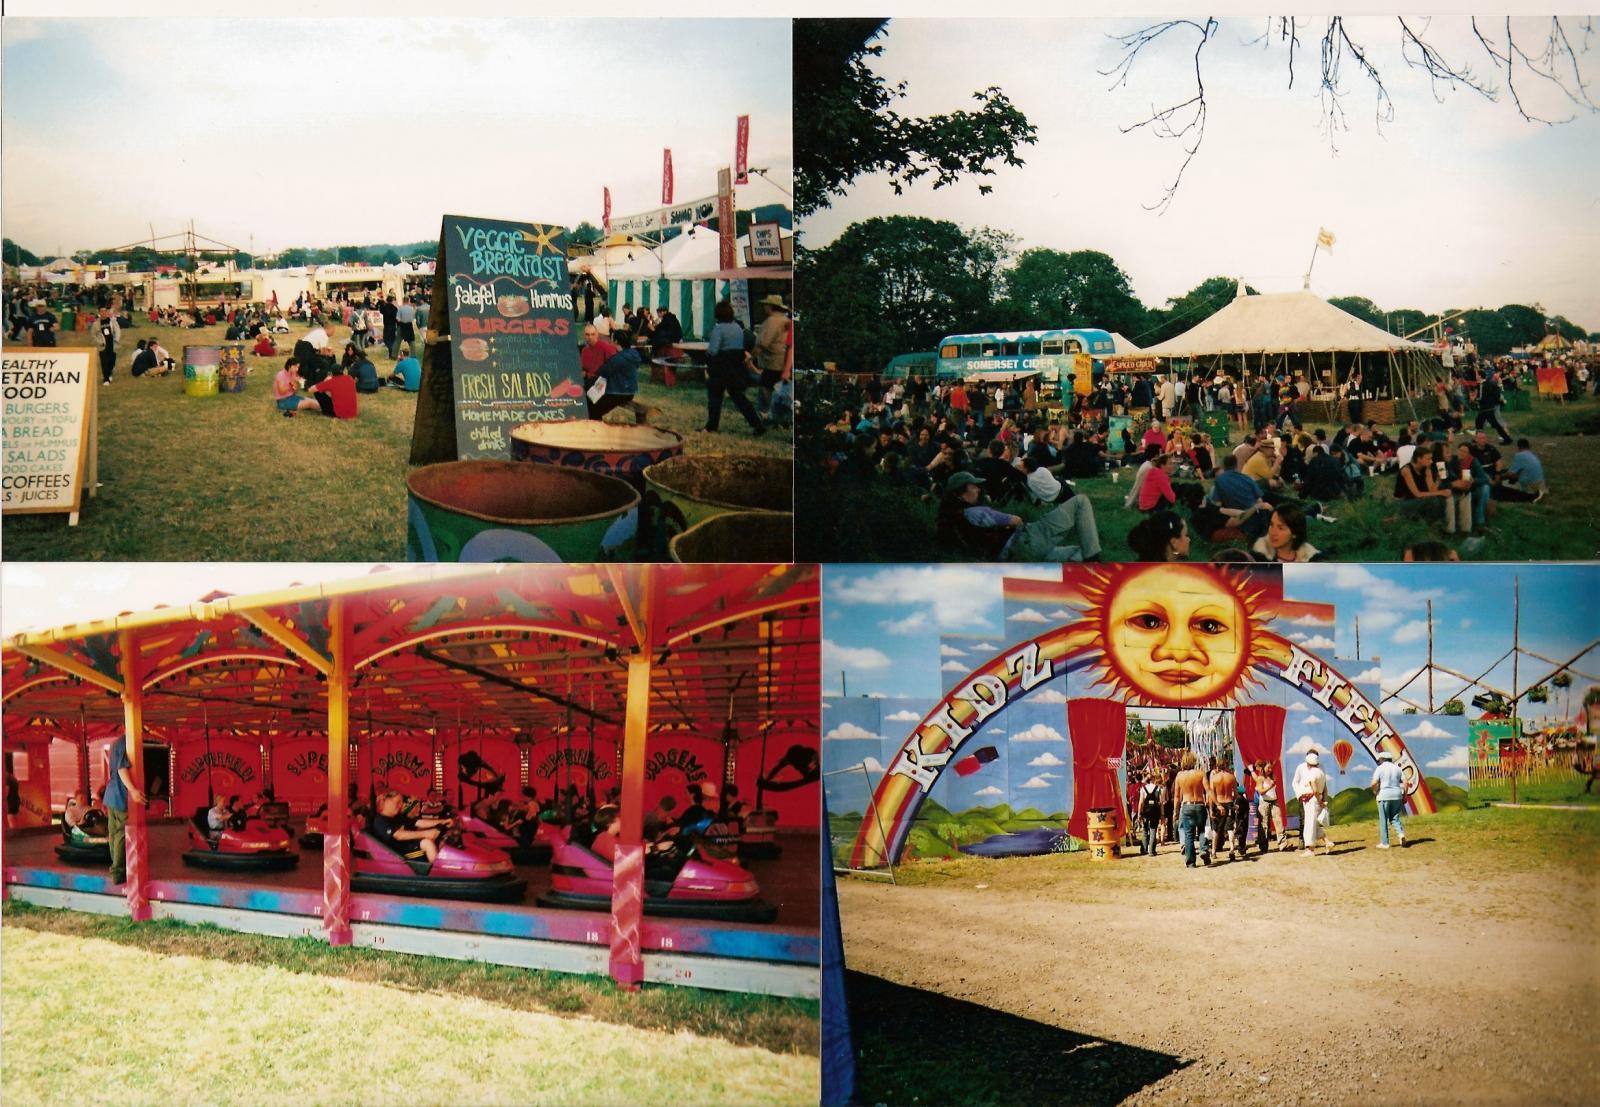 glastonbury 2003 003.jpg